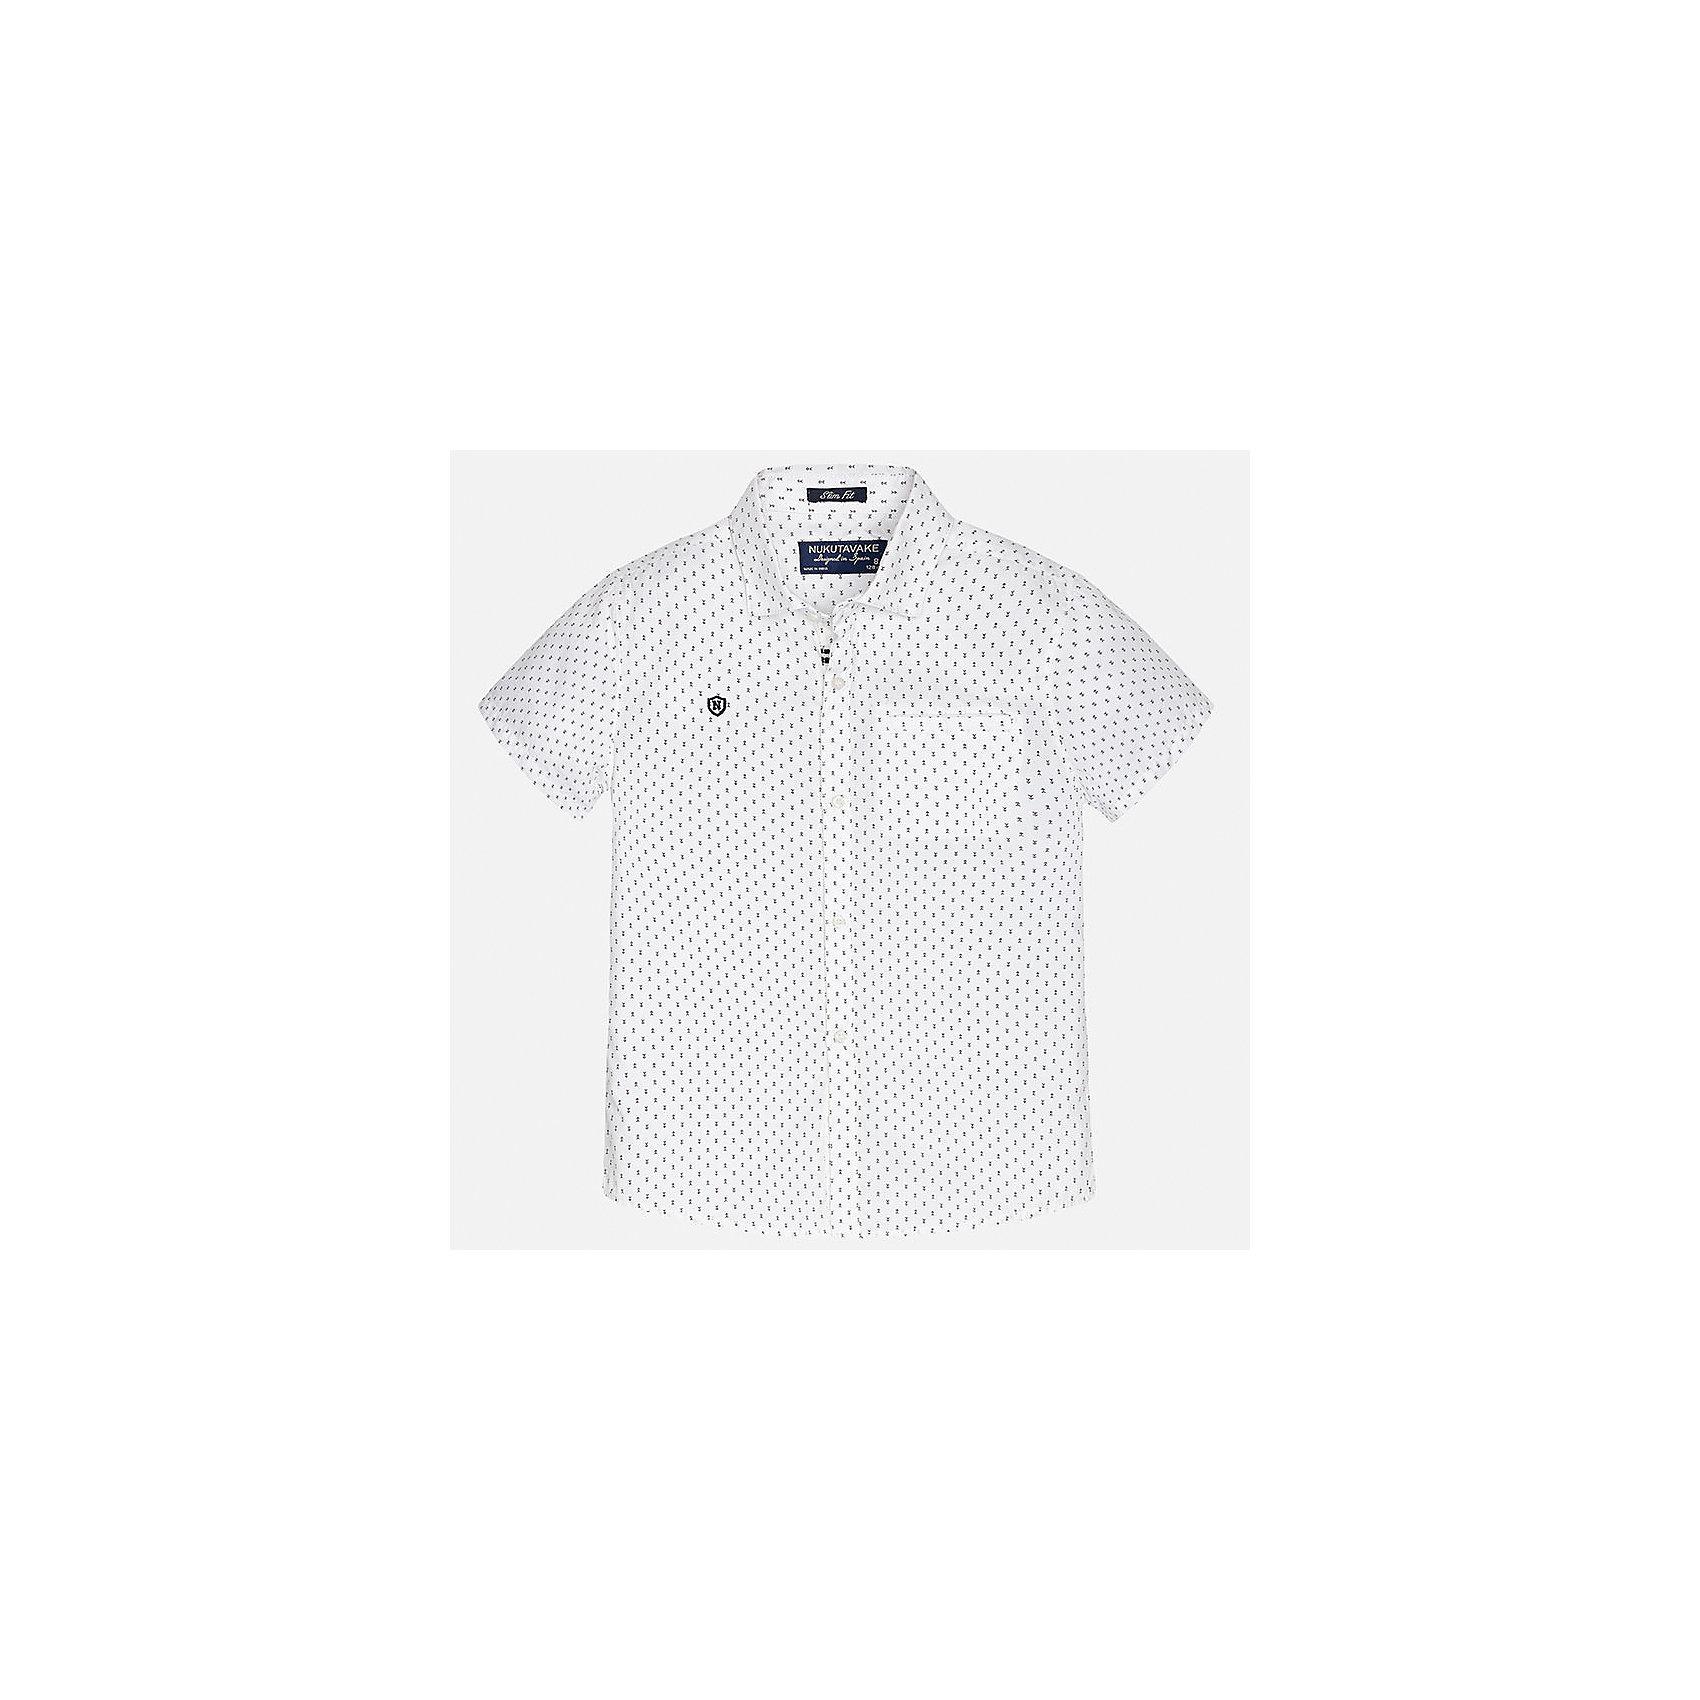 Рубашка для мальчика MayoralХарактеристики товара:<br><br>• цвет: белый<br>• состав: 100% хлопок<br>• отложной воротник<br>• декорирована вышивкой и карманом на груди<br>• короткие рукава<br>• застежки: пуговицы<br>• страна бренда: Испания<br><br>Модная рубашка поможет разнообразить гардероб мальчика. Она отлично сочетается с брюками, шортами, джинсами. Универсальный крой и цвет позволяет подобрать к вещи низ разных расцветок. Практичное и стильное изделие! Хорошо смотрится и комфортно сидит на детях. В составе материала - только натуральный хлопок, гипоаллергенный, приятный на ощупь, дышащий. <br><br>Одежда, обувь и аксессуары от испанского бренда Mayoral полюбились детям и взрослым по всему миру. Модели этой марки - стильные и удобные. Для их производства используются только безопасные, качественные материалы и фурнитура. Порадуйте ребенка модными и красивыми вещами от Mayoral! <br><br>Рубашку для мальчика от испанского бренда Mayoral (Майорал) можно купить в нашем интернет-магазине.<br><br>Ширина мм: 174<br>Глубина мм: 10<br>Высота мм: 169<br>Вес г: 157<br>Цвет: белый<br>Возраст от месяцев: 144<br>Возраст до месяцев: 156<br>Пол: Мужской<br>Возраст: Детский<br>Размер: 164,128/134,140,158,170,152<br>SKU: 5281575